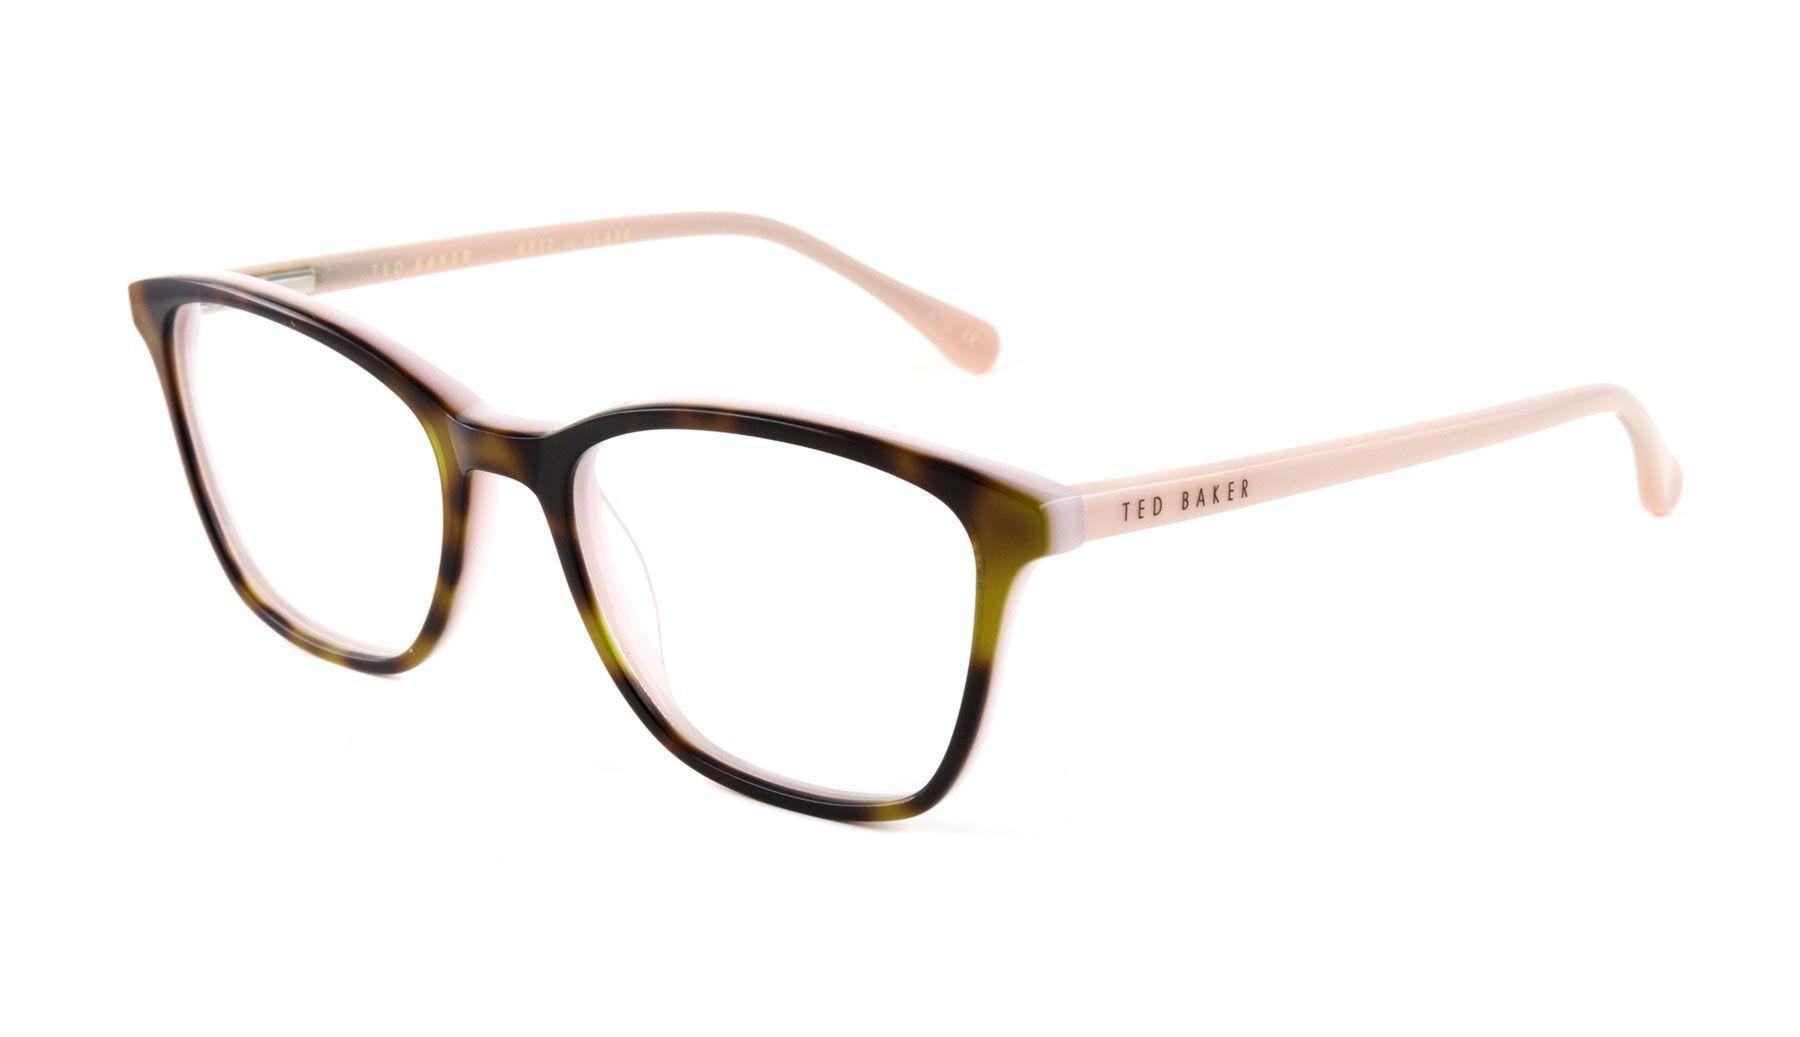 7082e944b63 Ted Baker Tortoiseshell Glasses